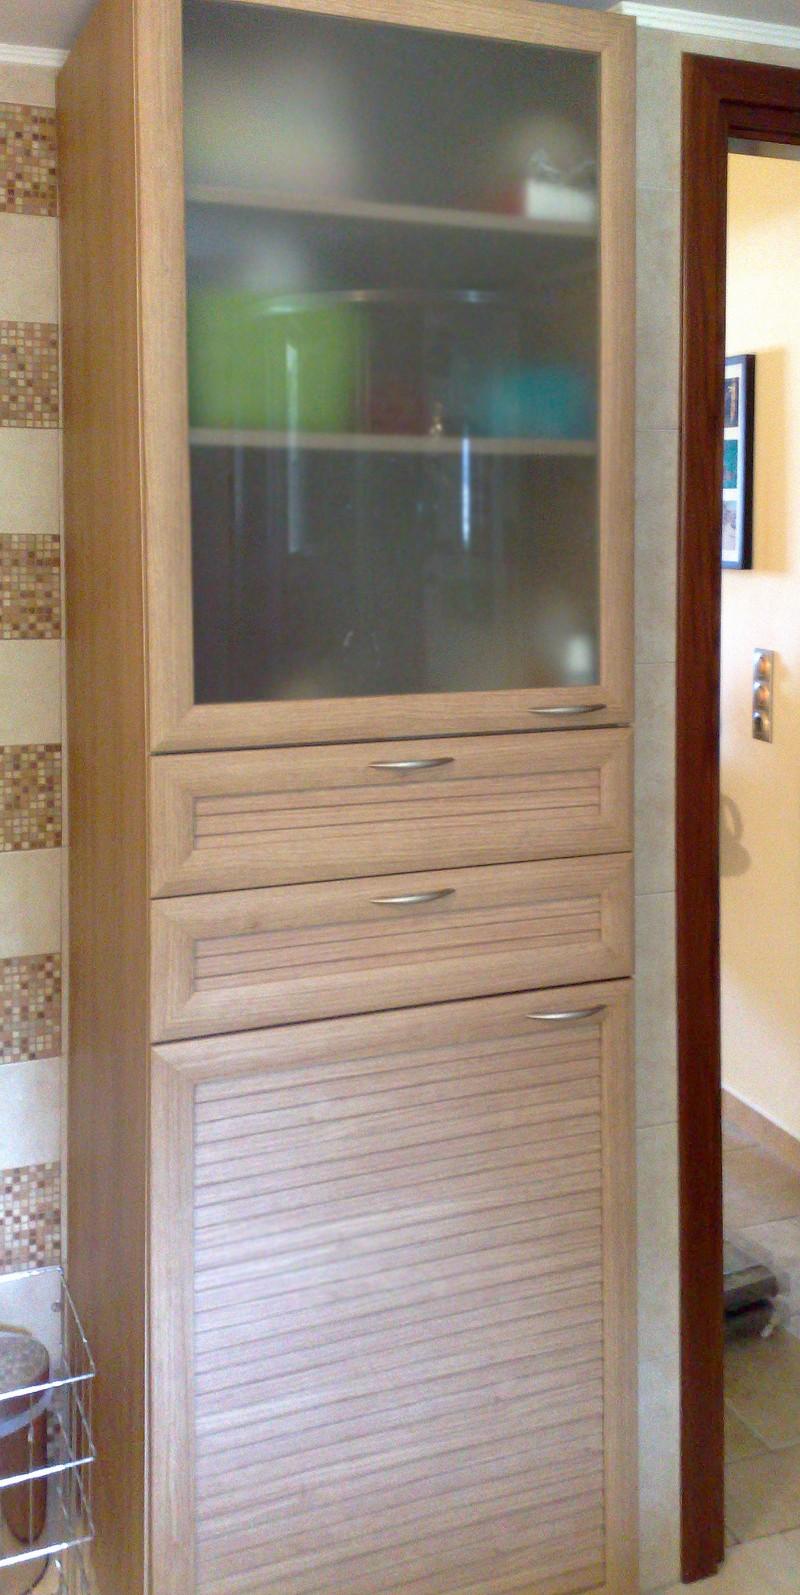 ντουλάπα για μπάνιο με συρτάρια και θήκη για πλυντήριο